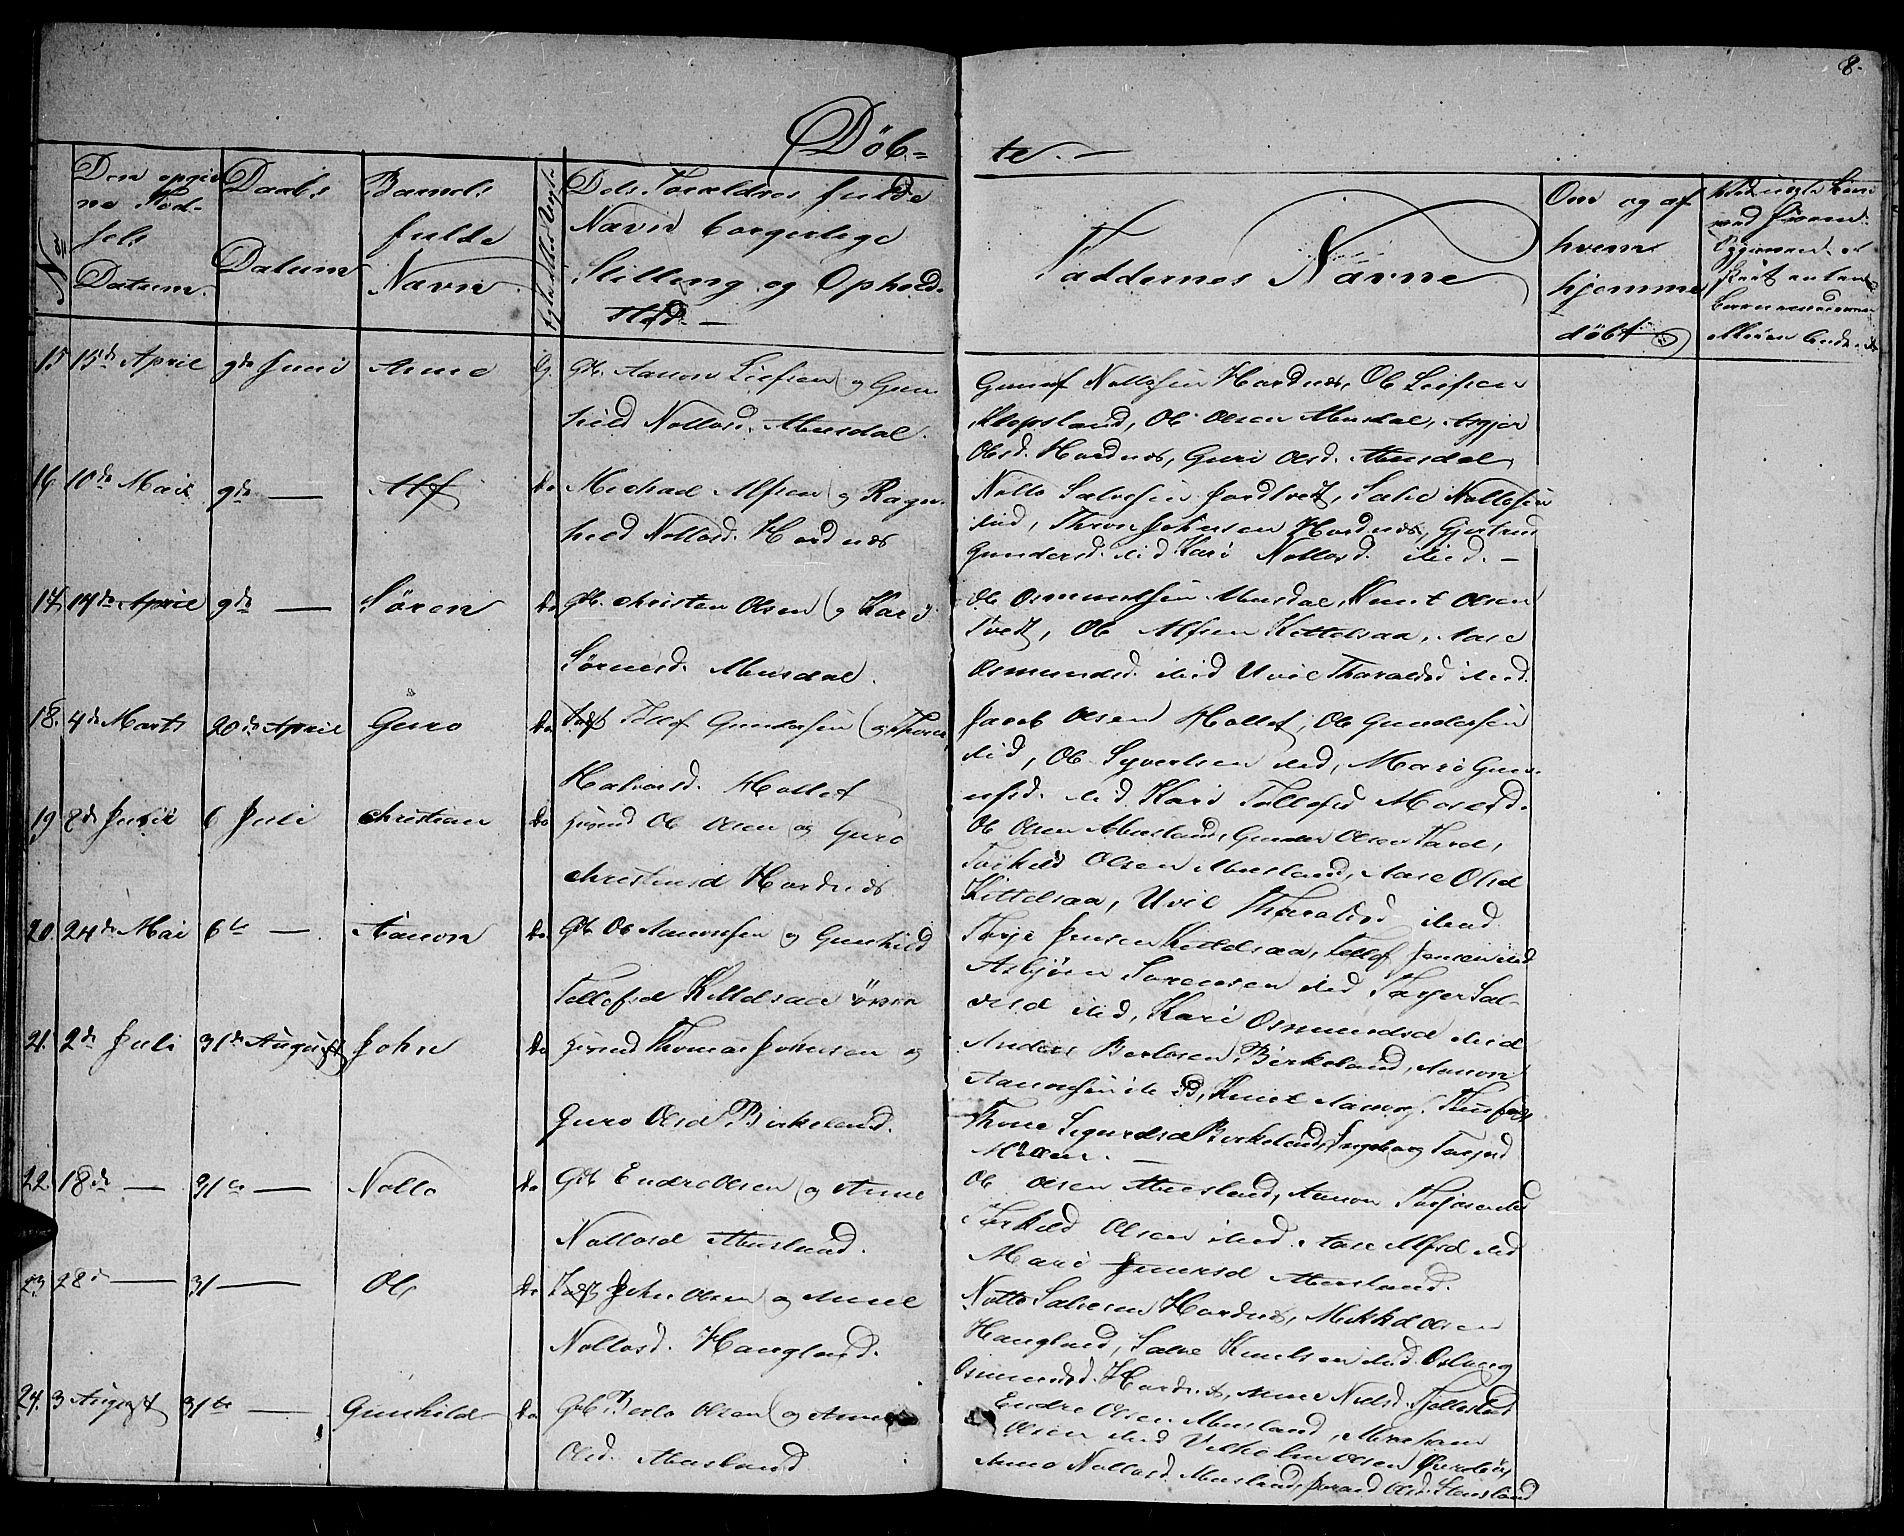 SAK, Evje sokneprestkontor, F/Fb/Fbb/L0001: Klokkerbok nr. B 1, 1849-1878, s. 8